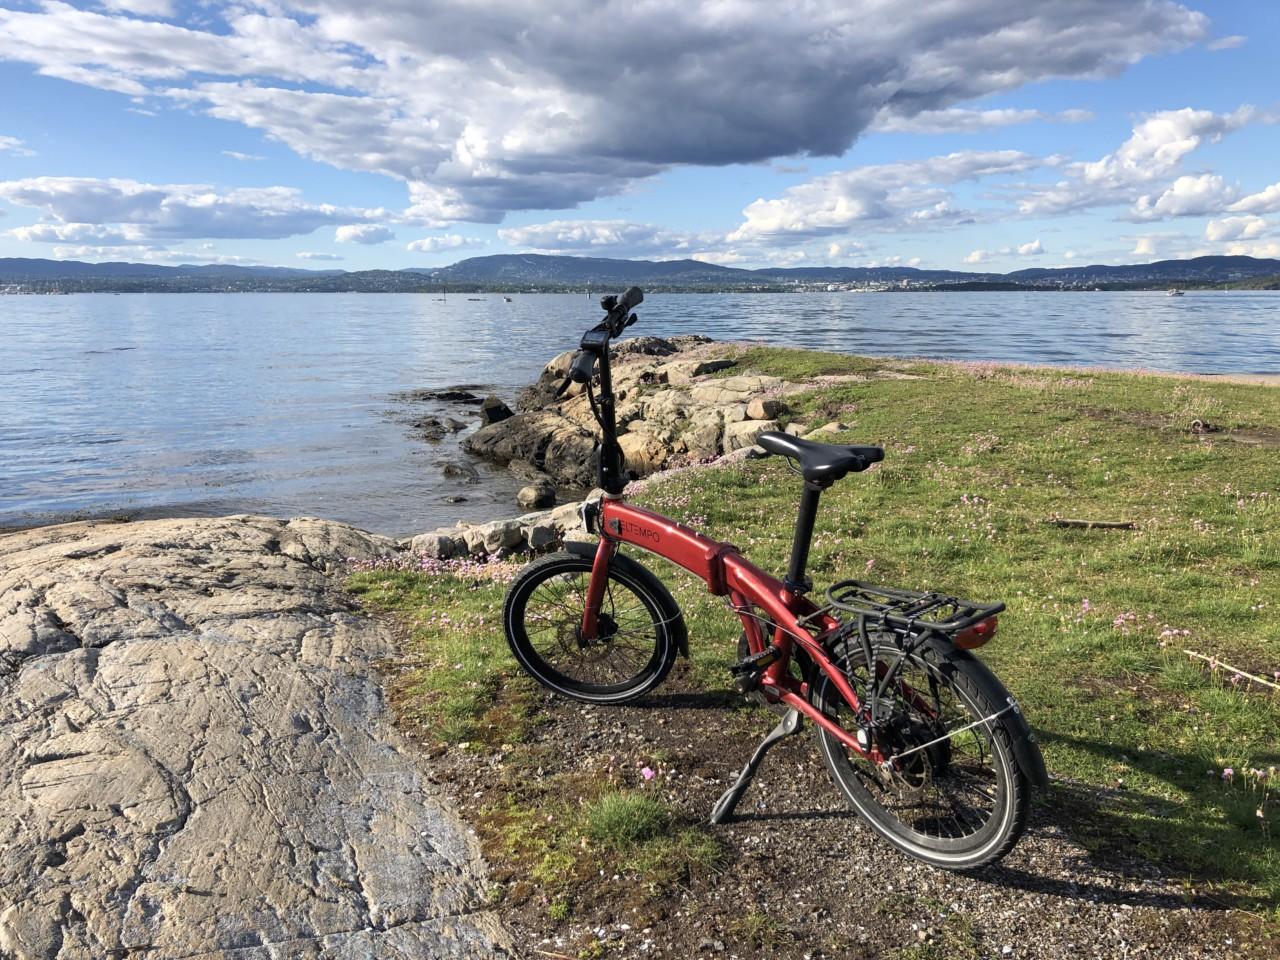 sommer-sykkel-eltempo-metro-elsykkel-nesodden-hellviktangen